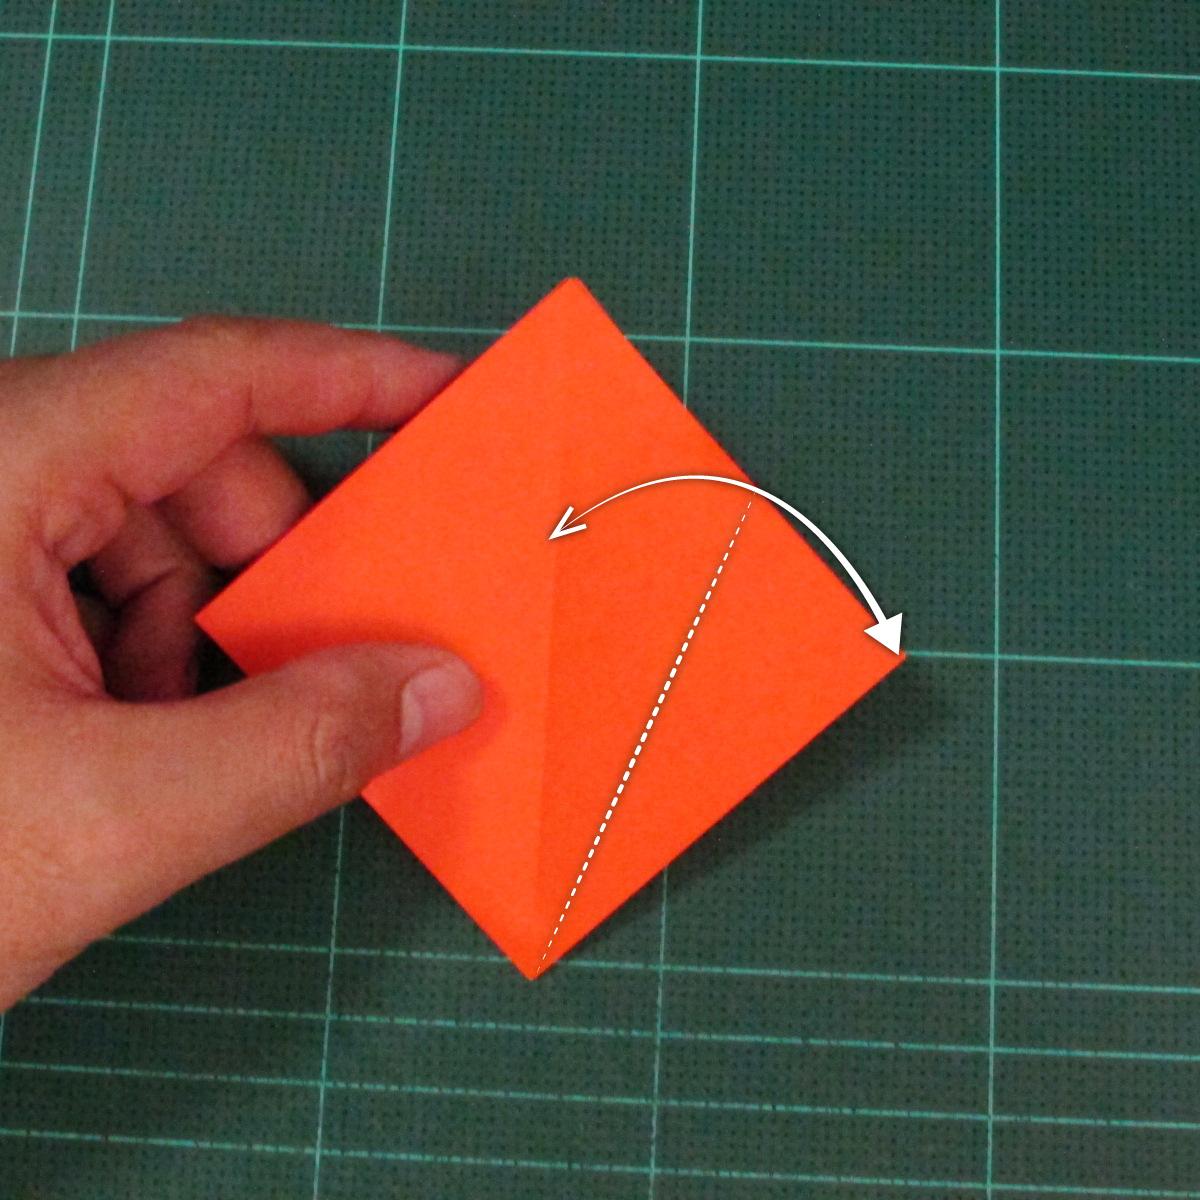 วิธีพับกระดาษเป็นช่อดอกไม้ติดอกเสื้อ (Origami Wedding Chest Flower) 006